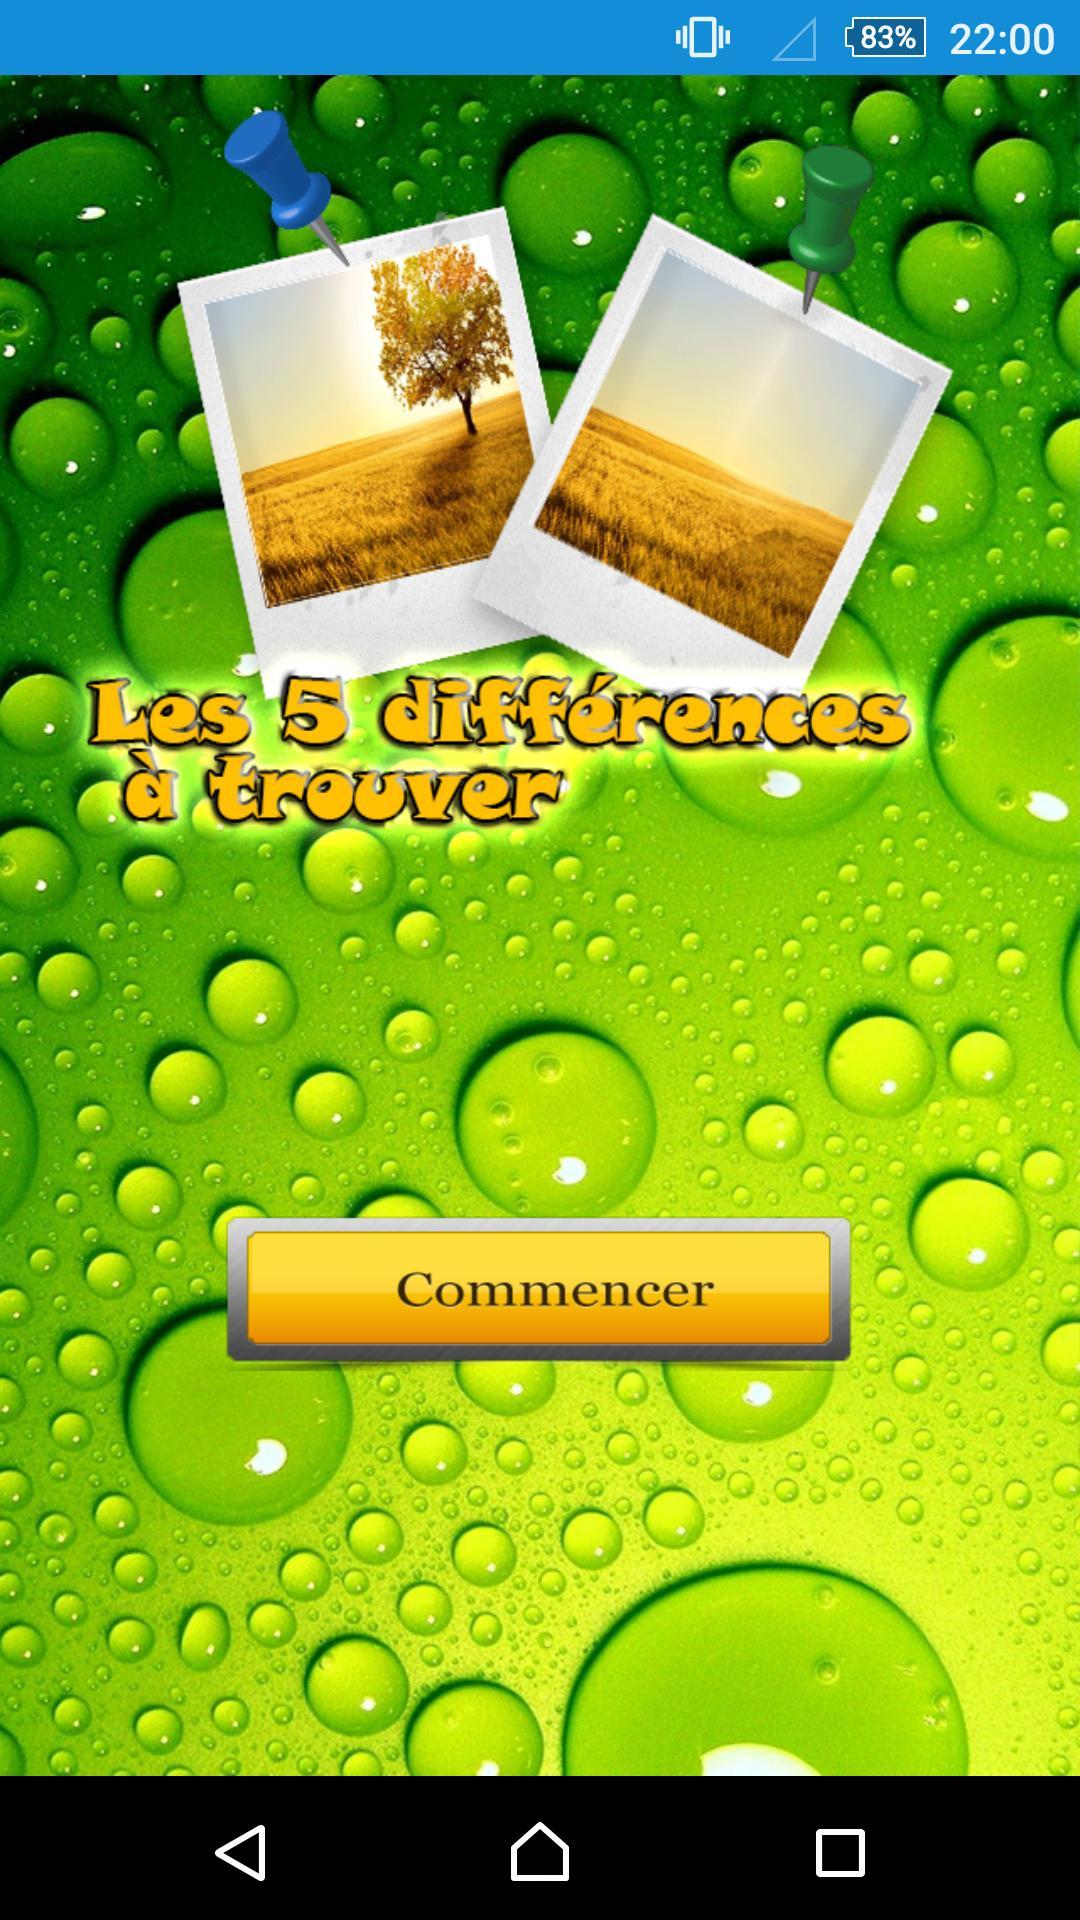 Les 5 Différences À Trouver For Android - Apk Download destiné Les 5 Differences